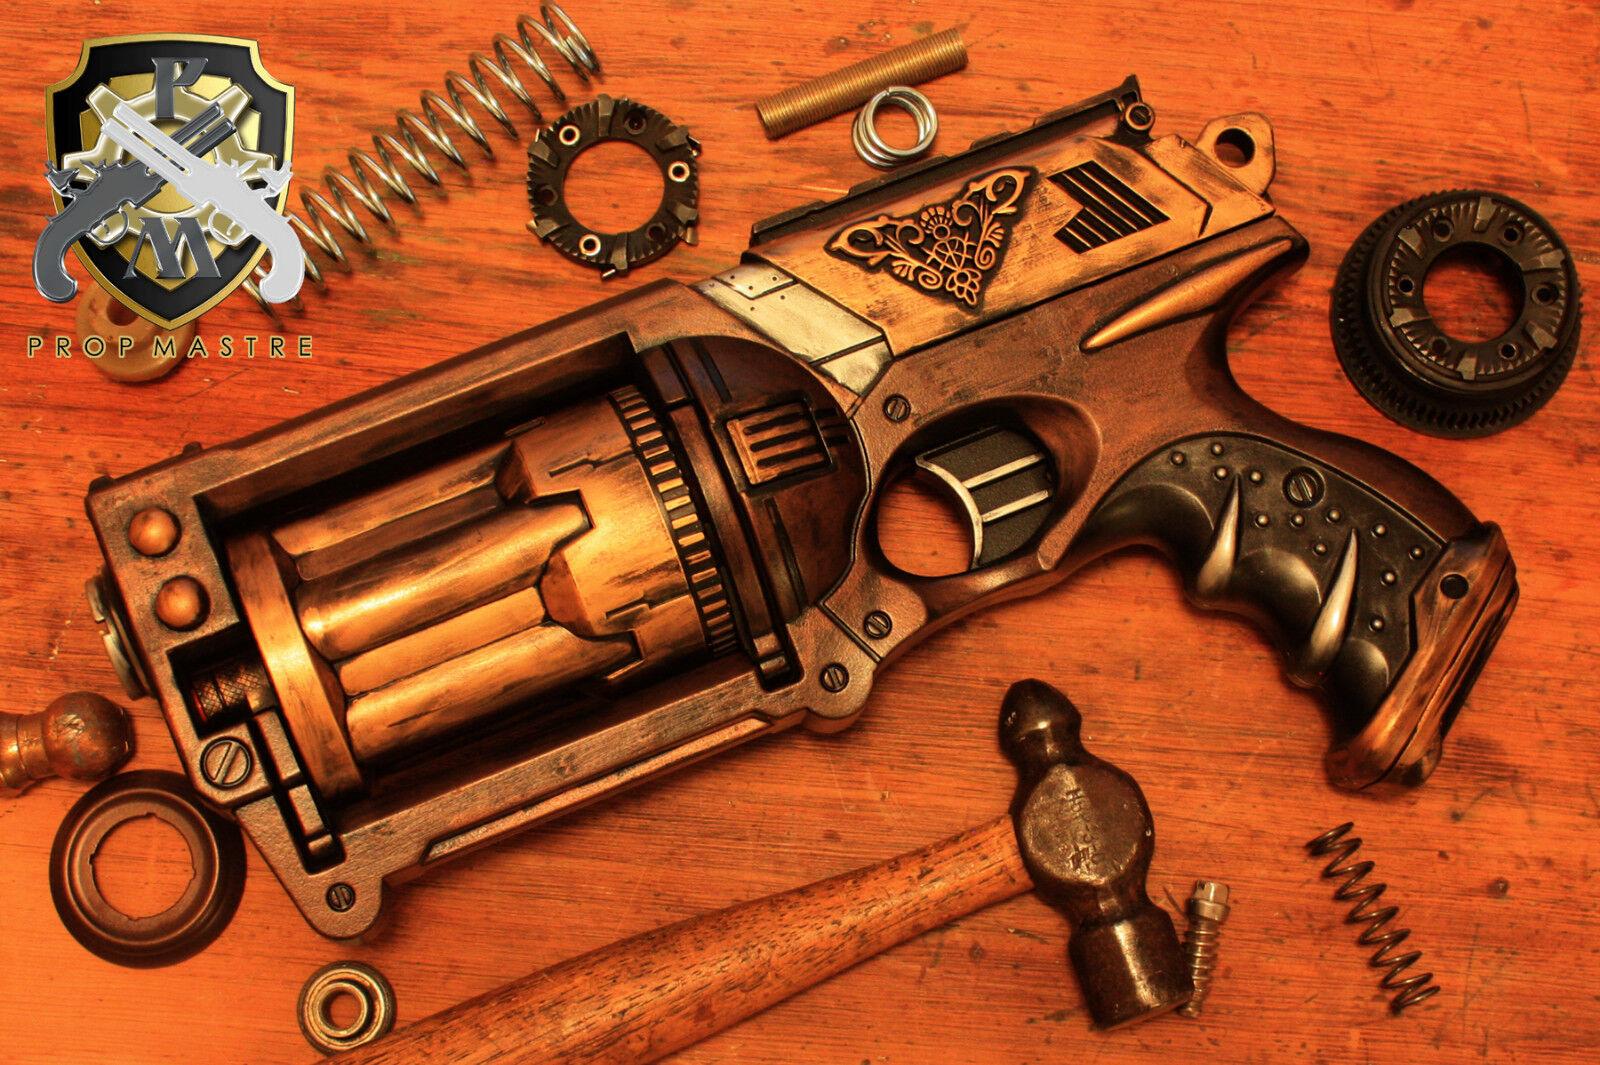 Pistola punk a vapor, revólveres antiguos, papel de cómic.